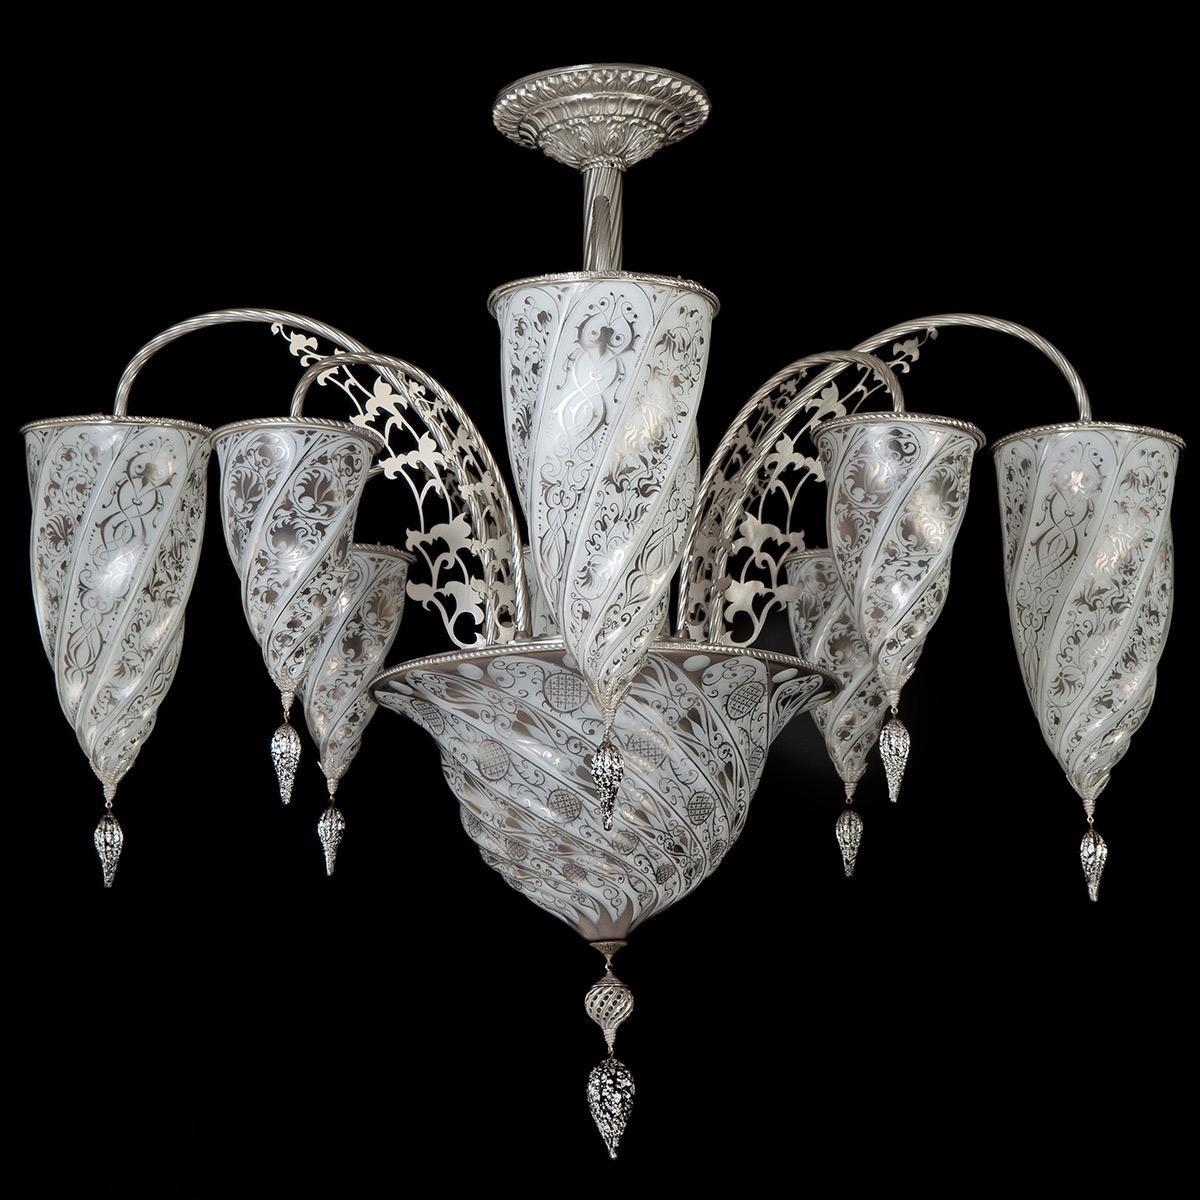 """""""Giza"""" Murano glas Kronleuchter - 9 flammig - weiß"""